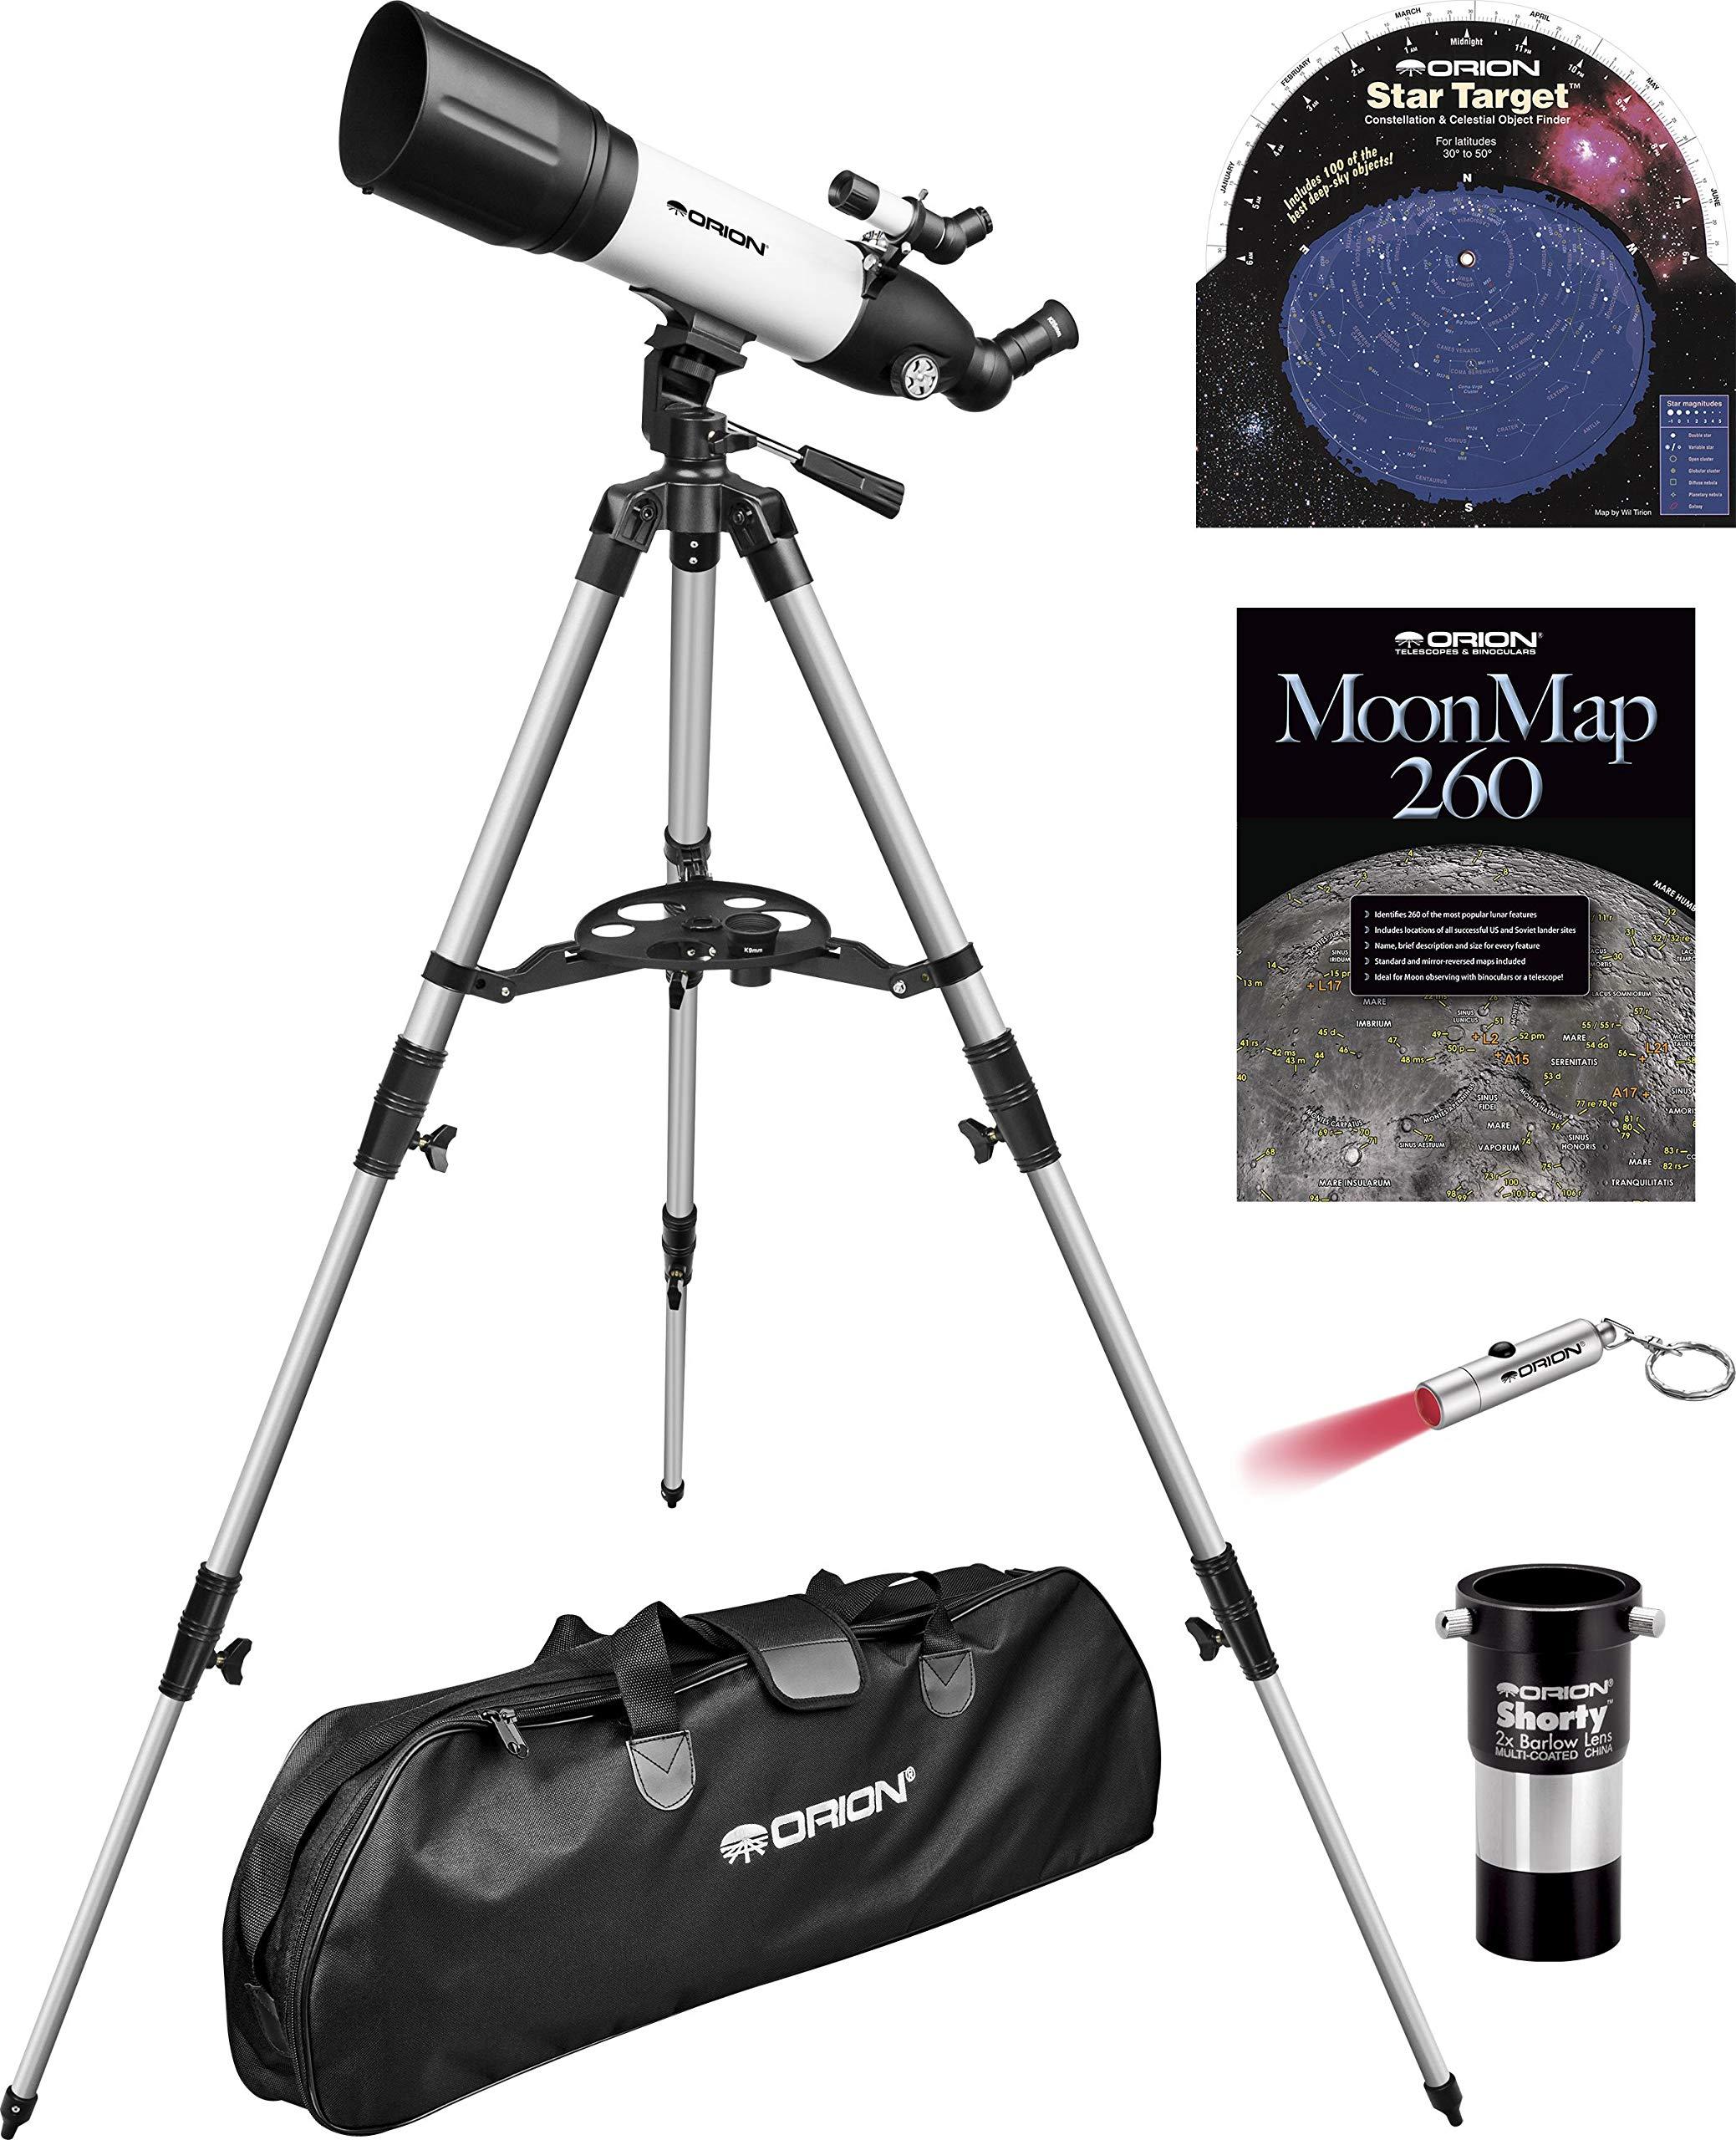 Orion StarBlast 90mm Altaz Travel Refractor Telescope Kit by Orion